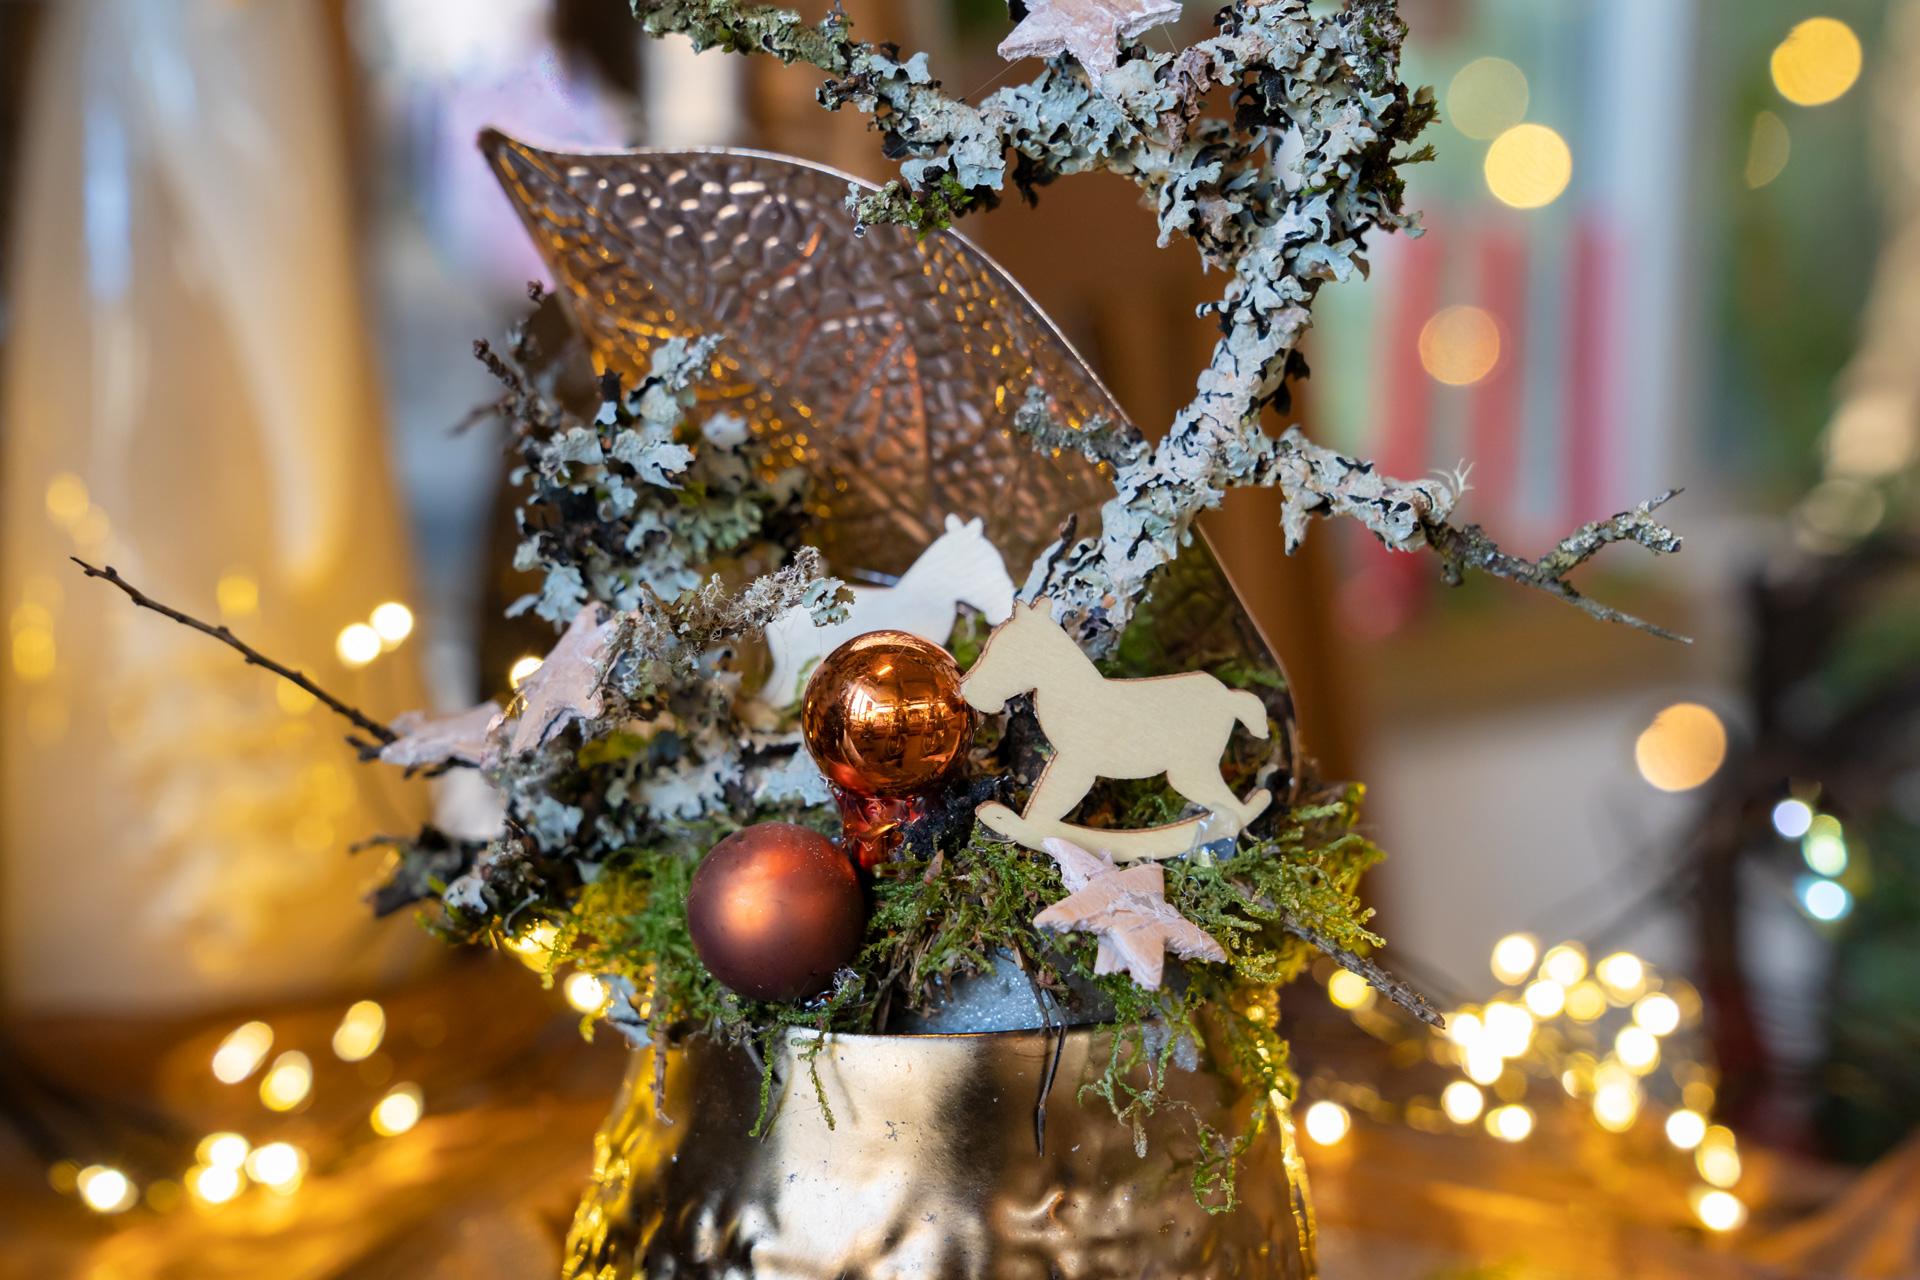 Festliche Dekorationen zur Adventszeit in Kupfertönen